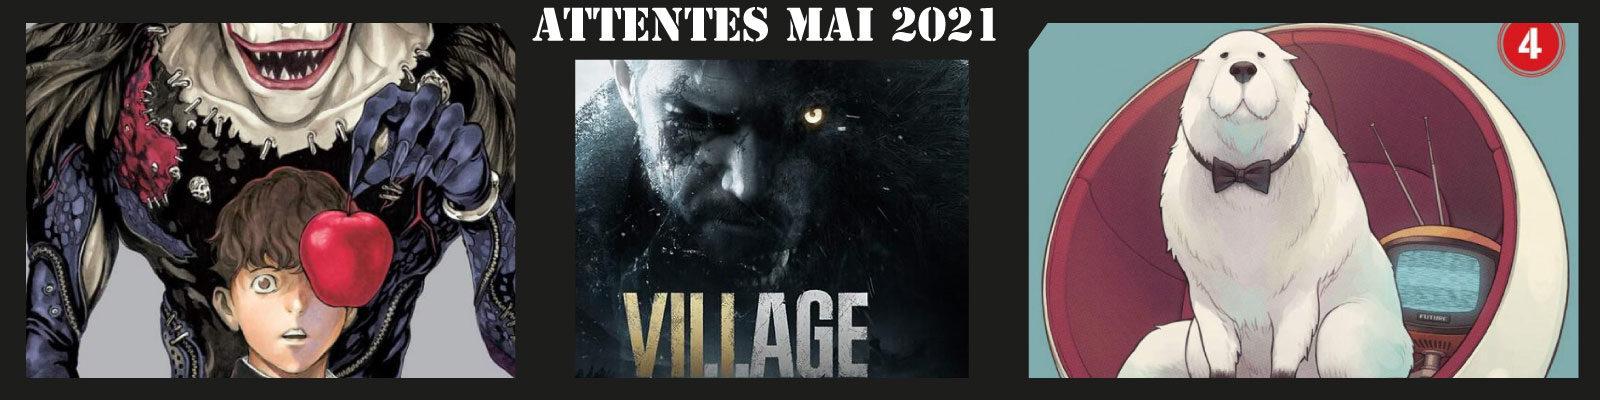 attente-mai 2021-2